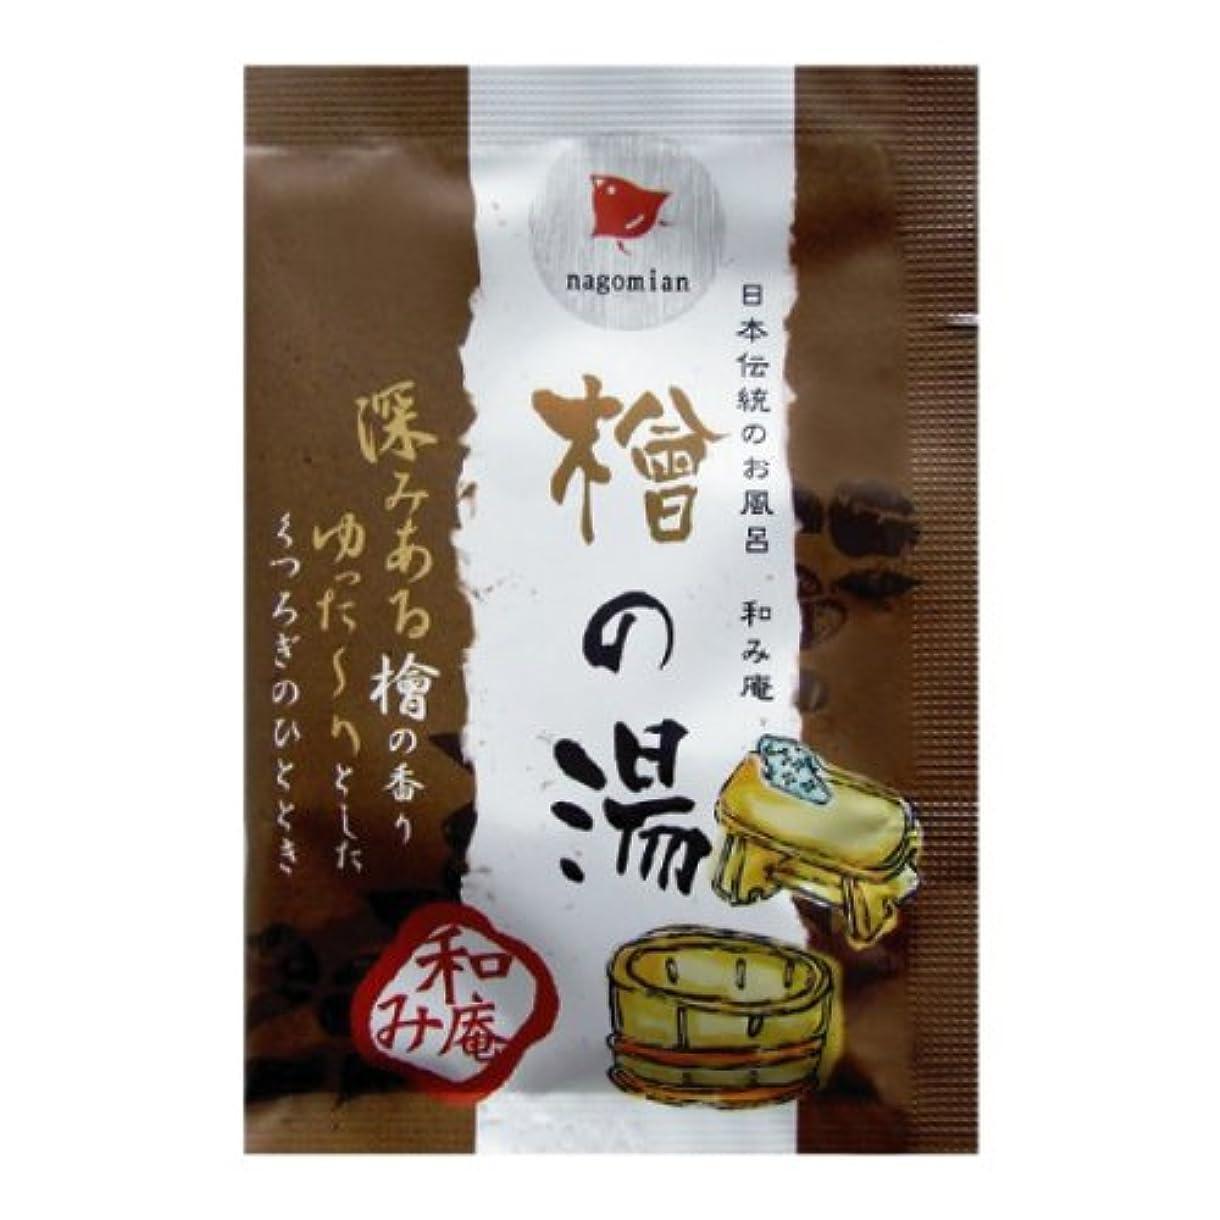 クラウン反対にパイント日本伝統のお風呂 和み庵 檜の湯 200包